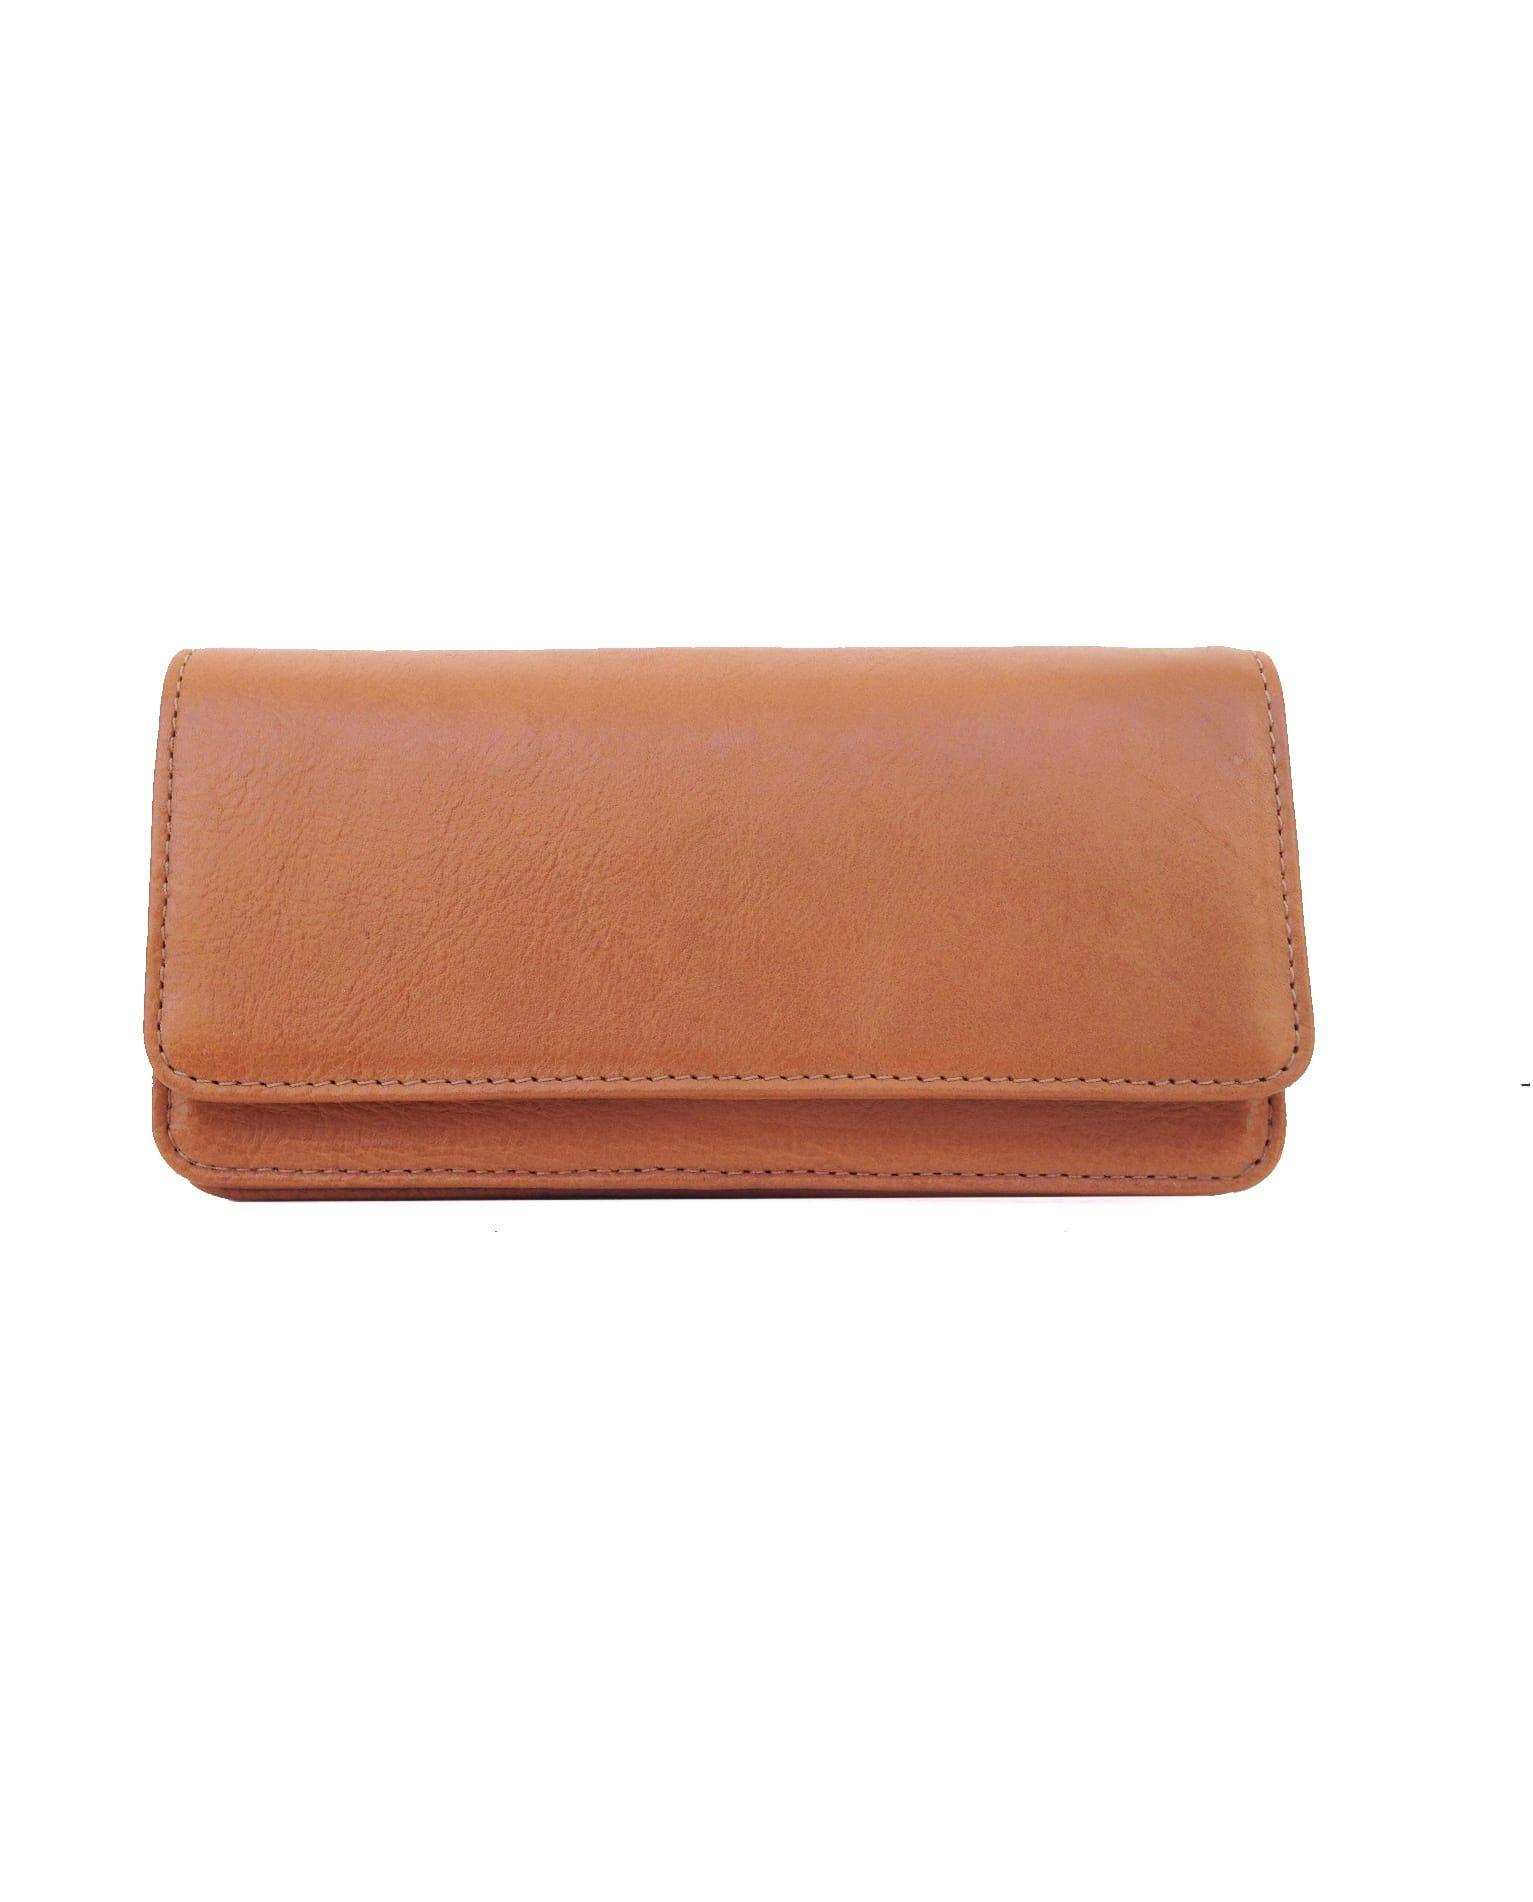 8590568f9 Carteira de couro feminina caramelo - LEPRERI | Leather Wallet ...